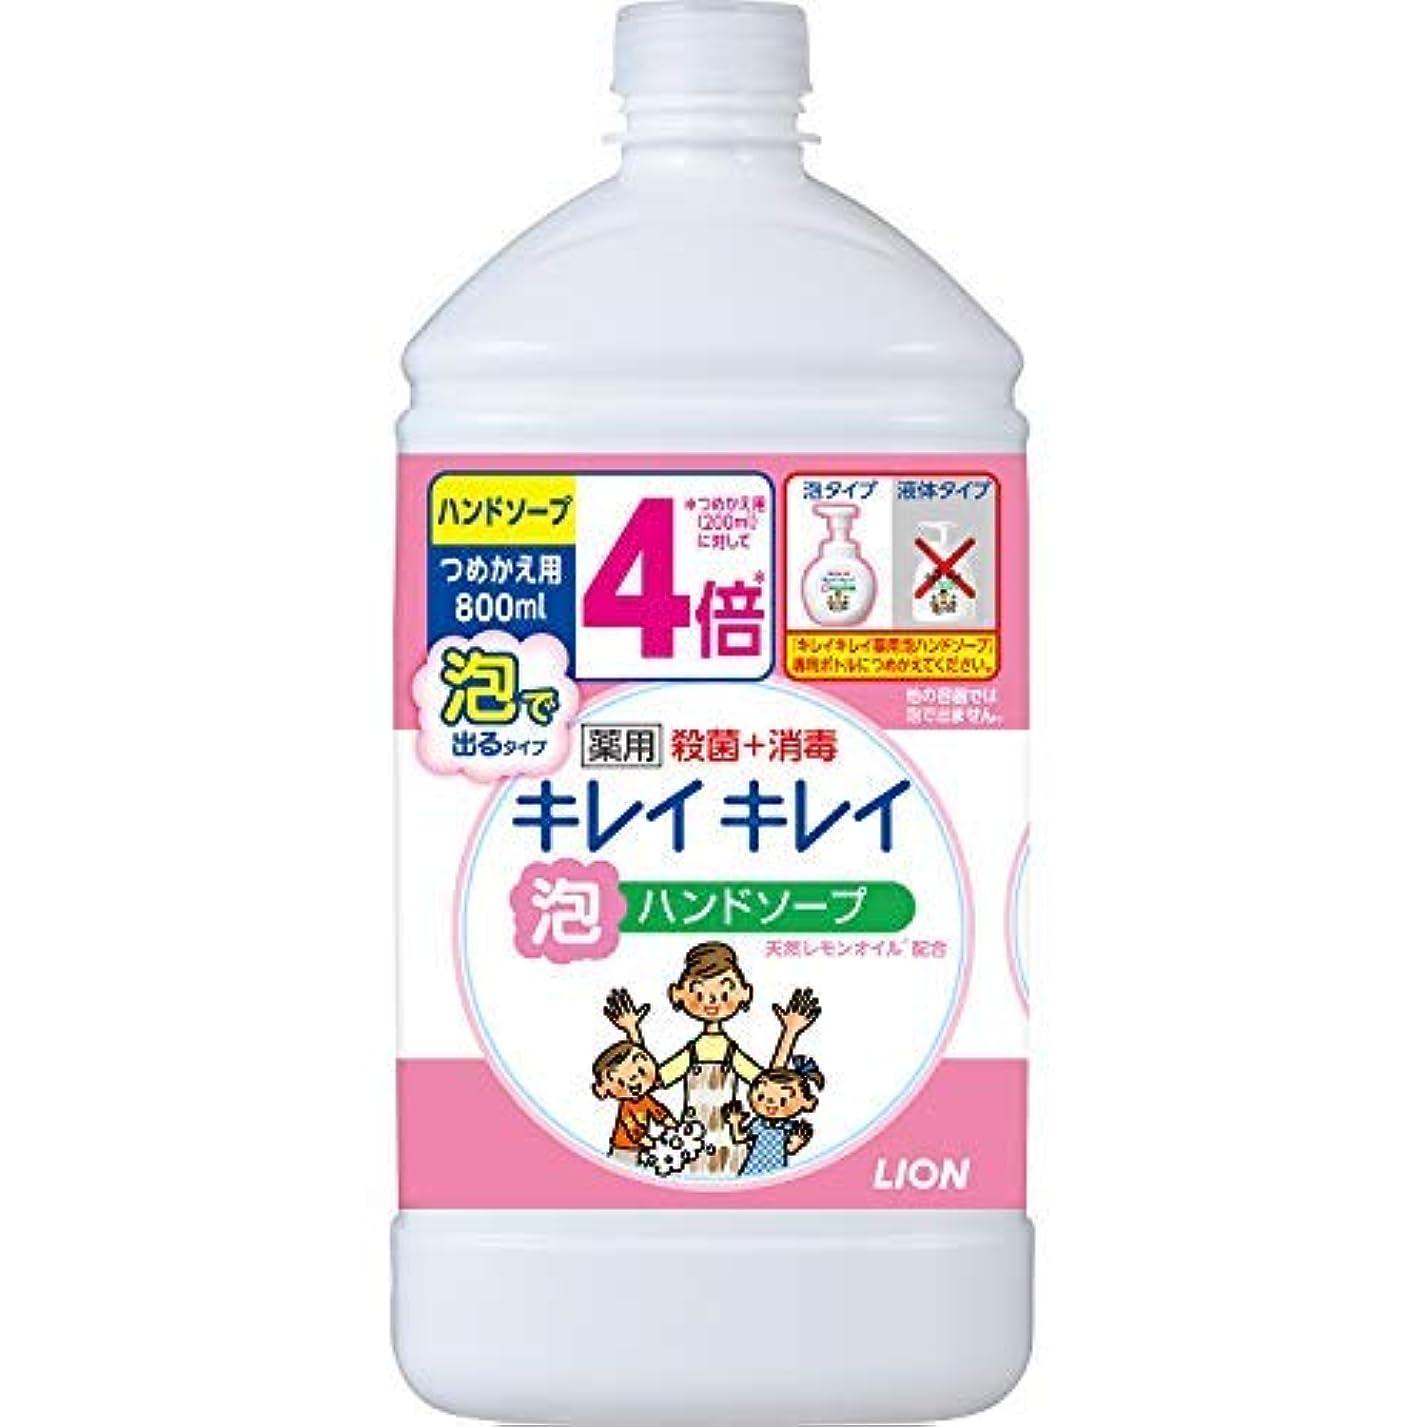 合成主張するうんキレイキレイ 薬用泡ハンドソープ つめかえ用特大サイズ シトラスフルーティ × 2個セット